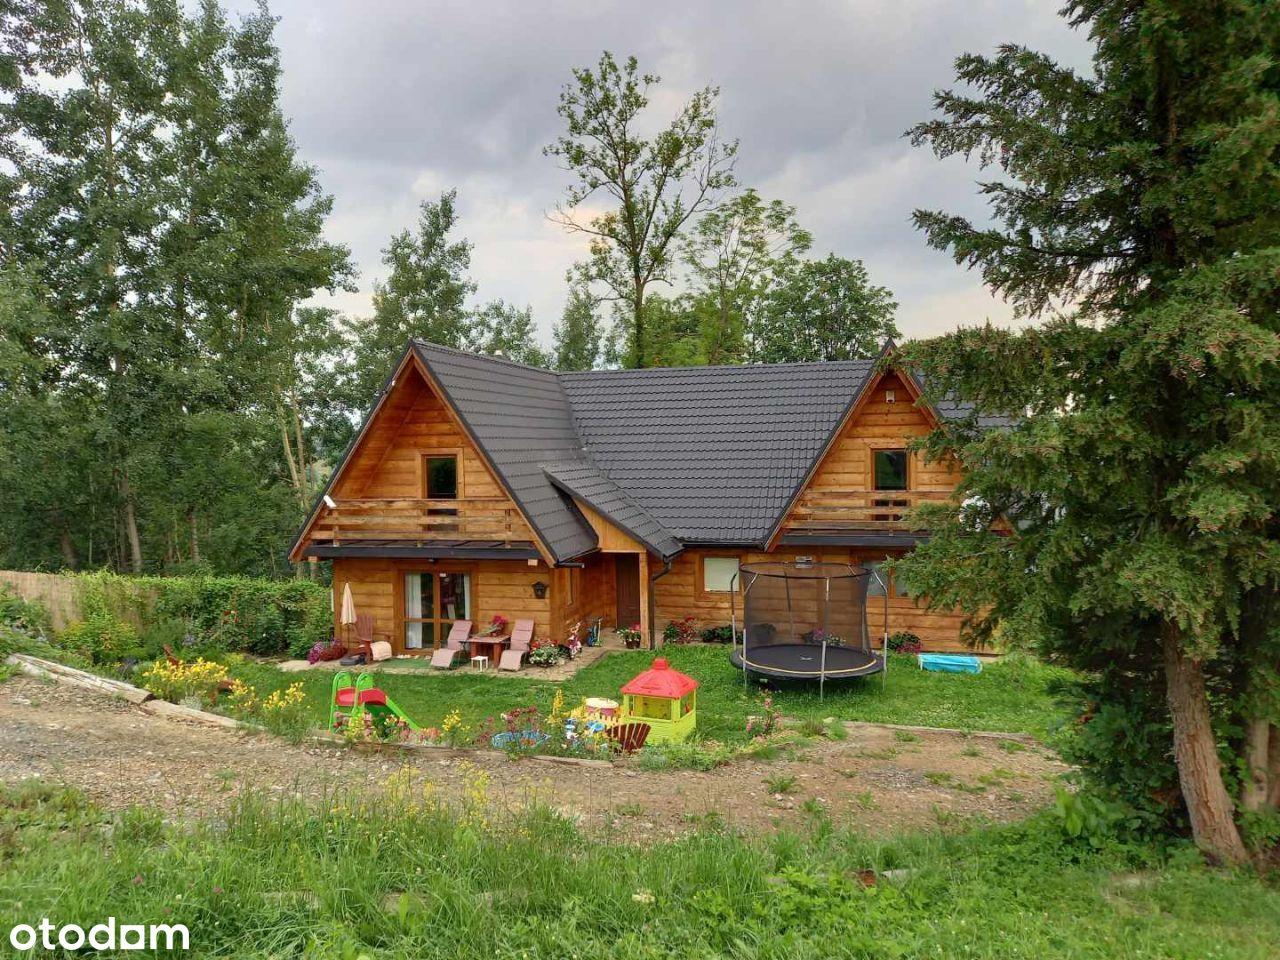 Dom na Gubałówce